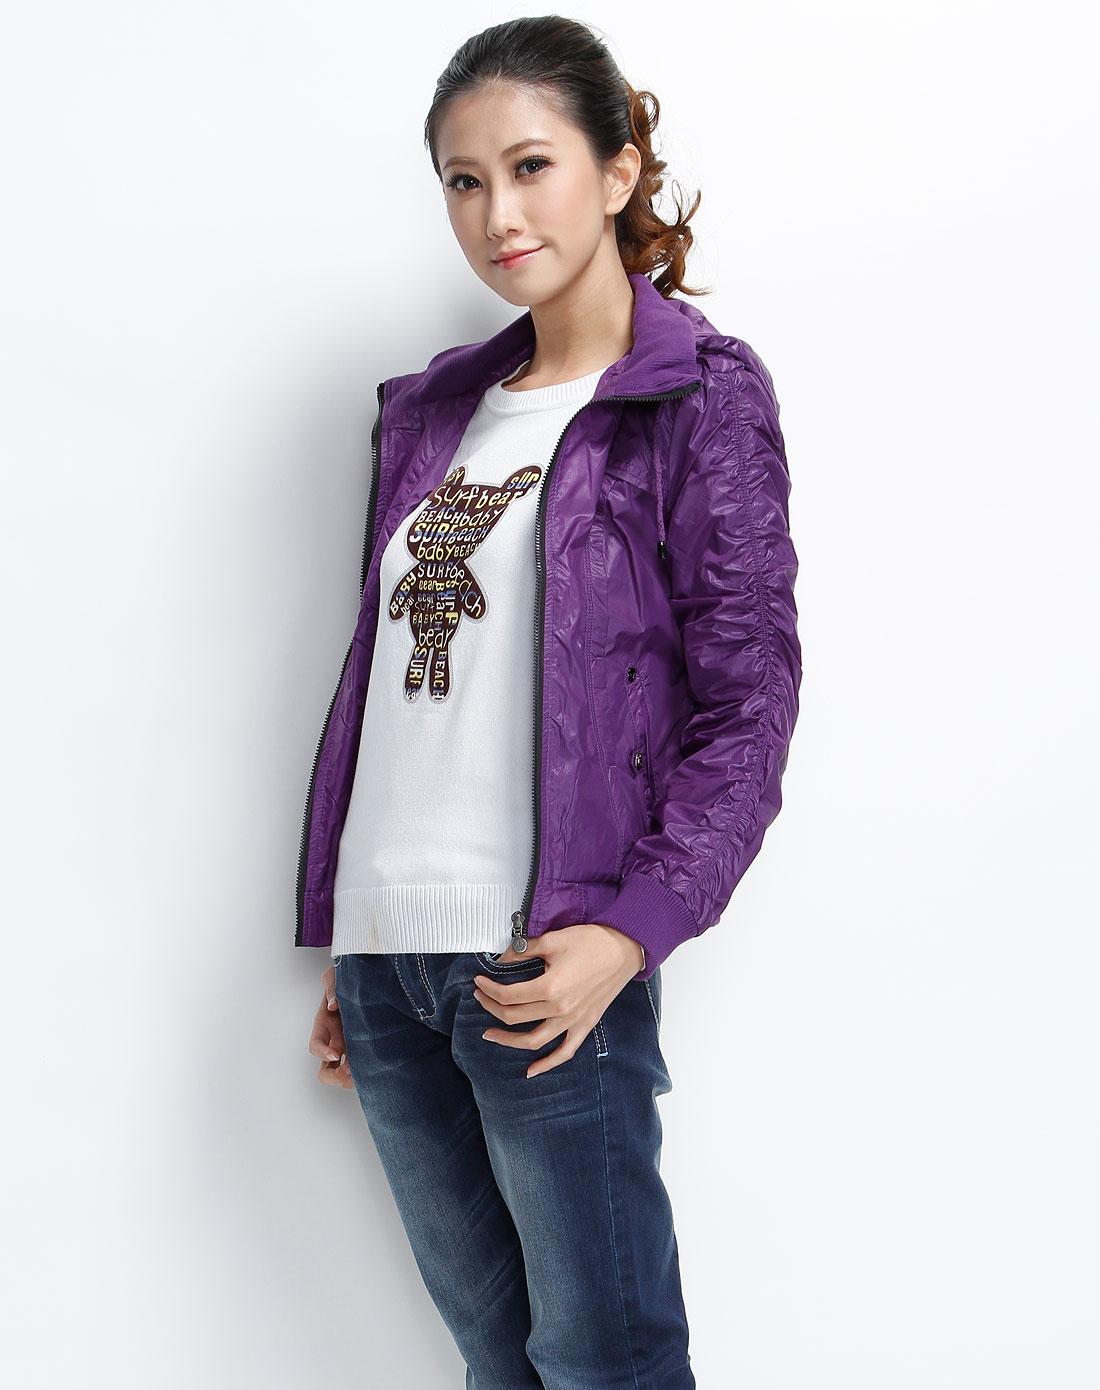 森马-女装-紫色暗纹连帽休闲长袖外套图片